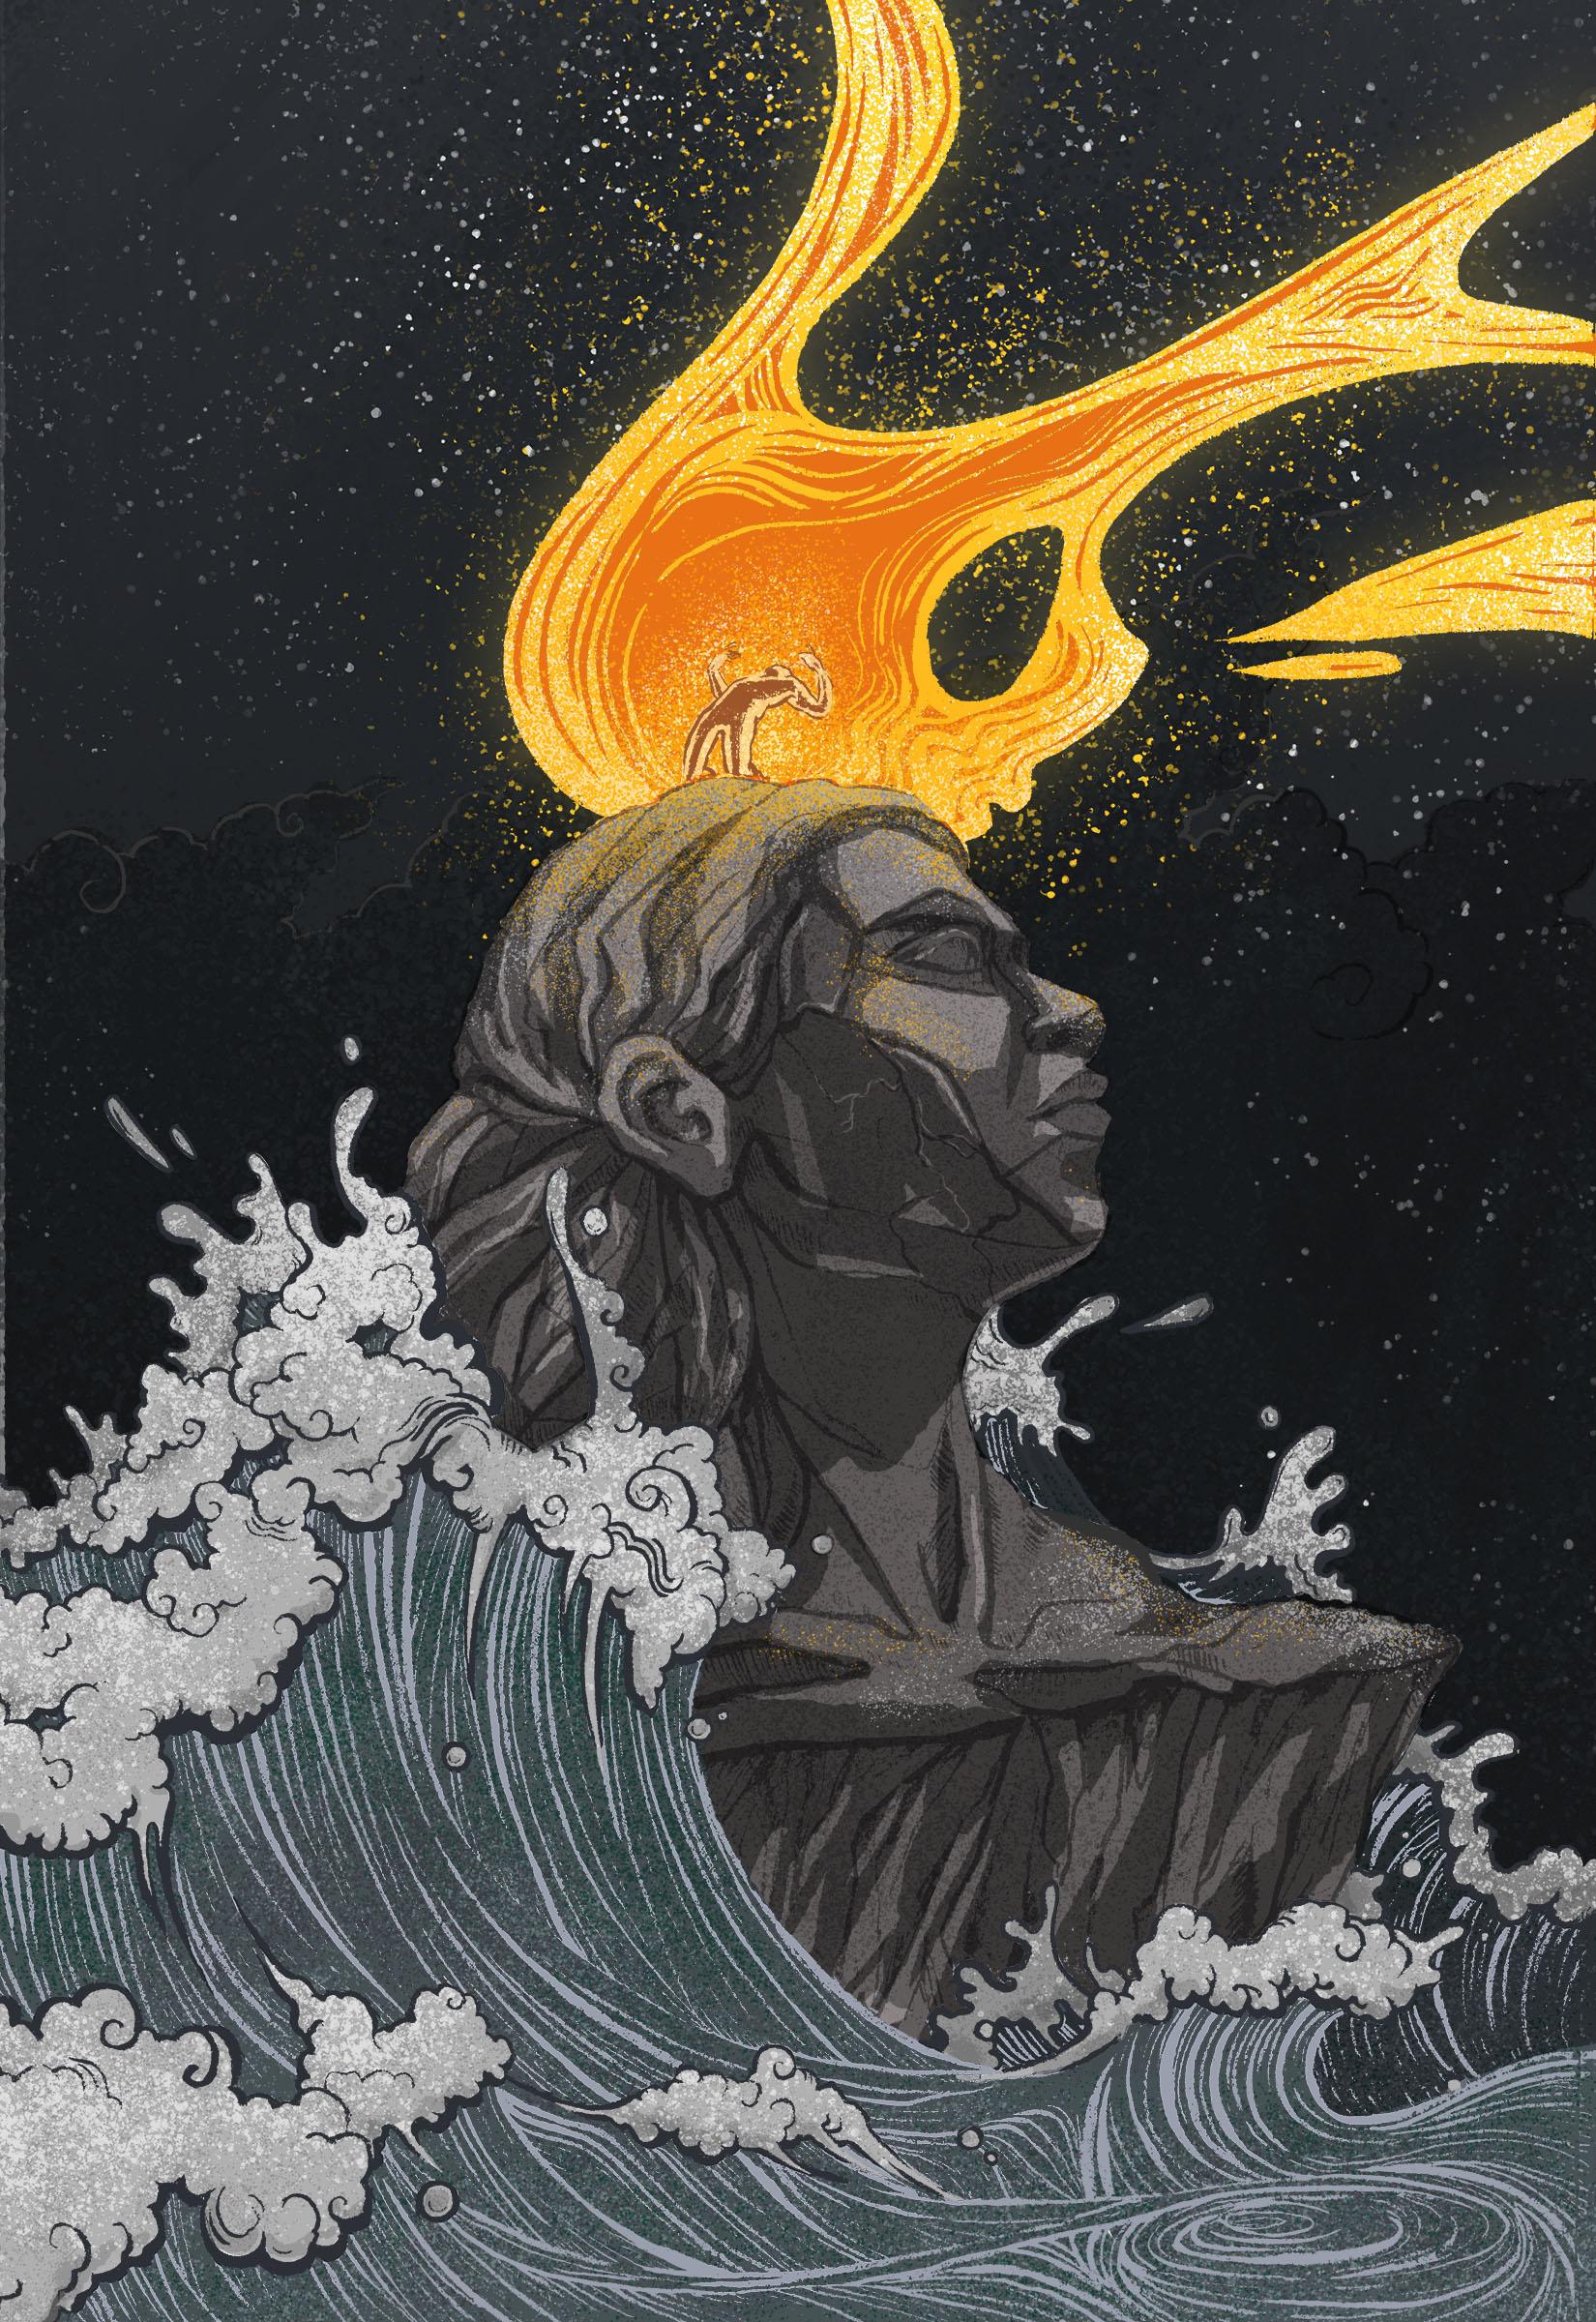 Hercules student artwork from MassArt, Gillette